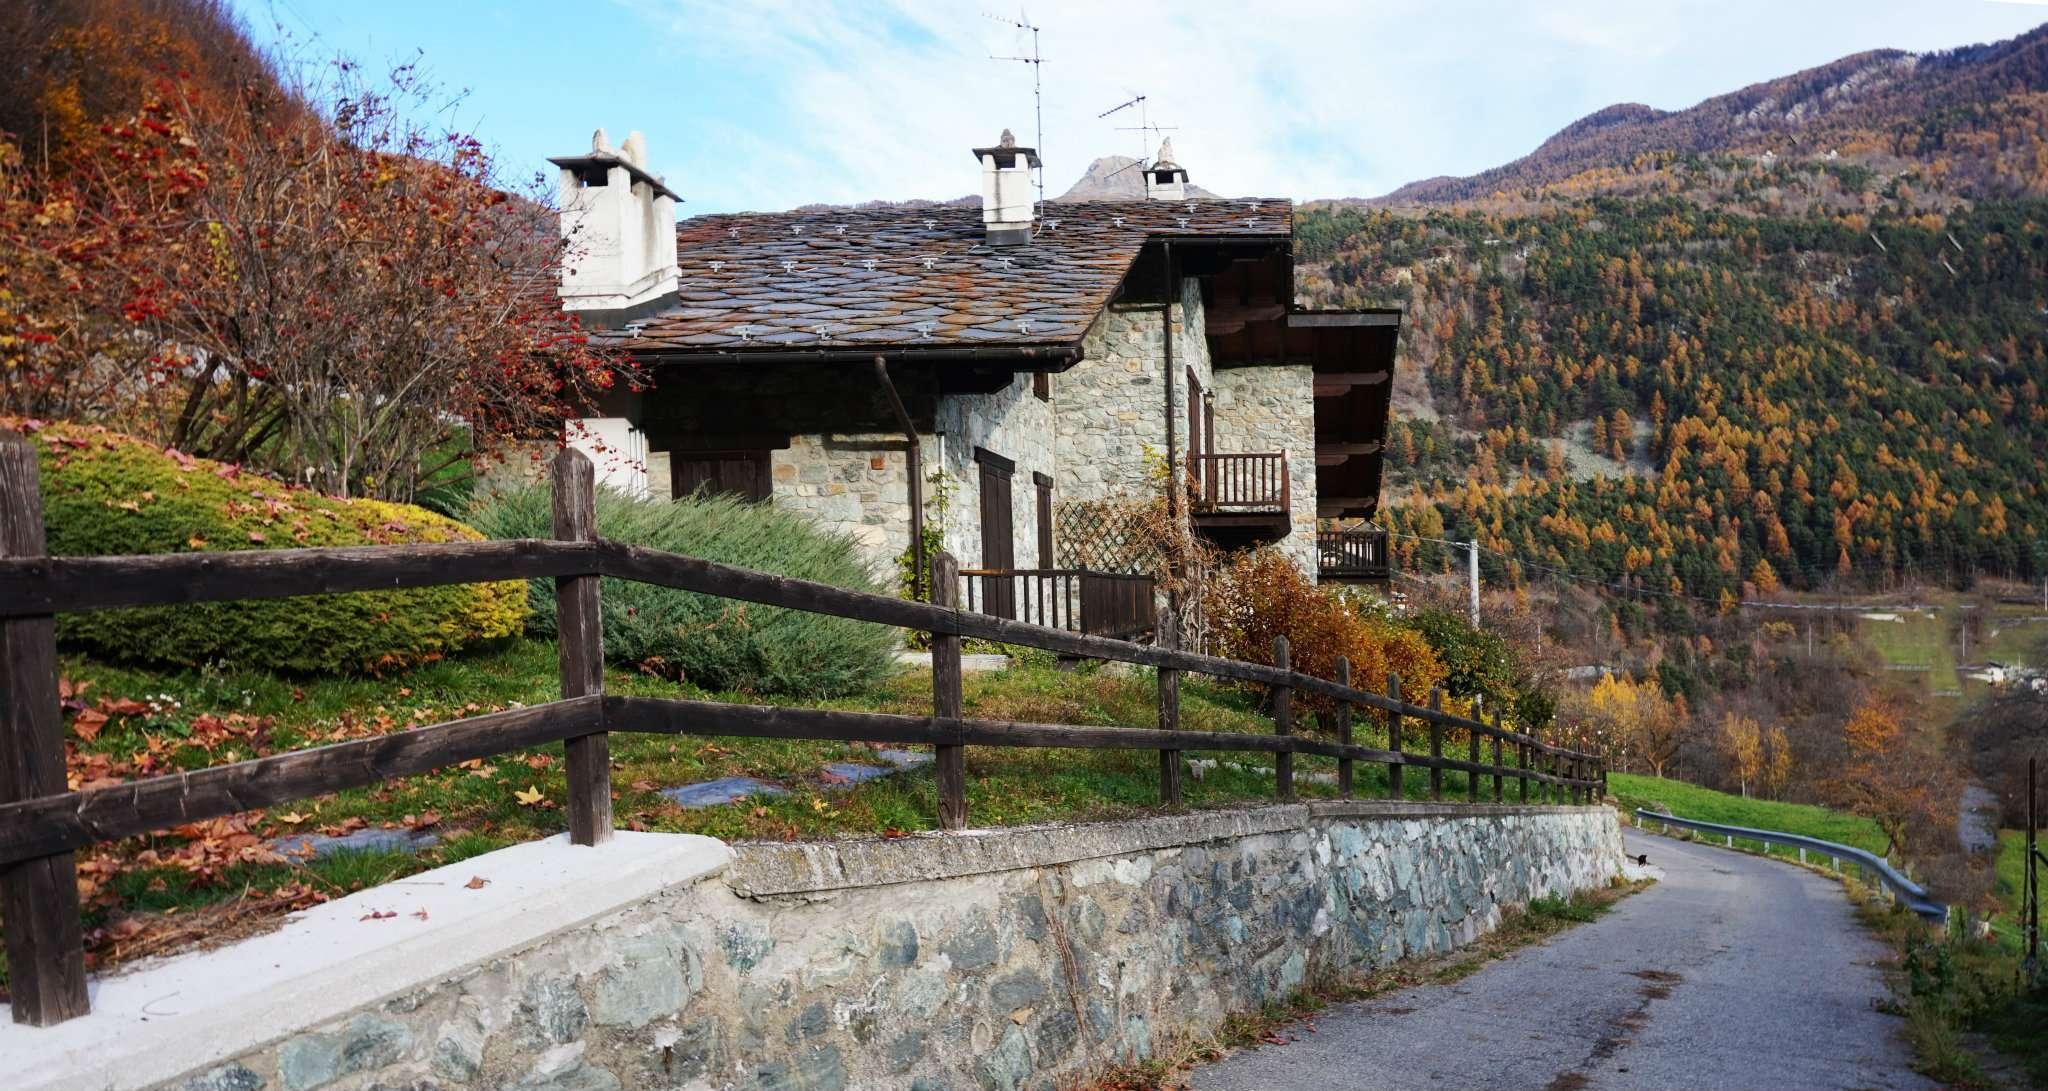 Bilocale vendita antey saint andr borgo frazione epaillon for Planimetrie del paese con portici